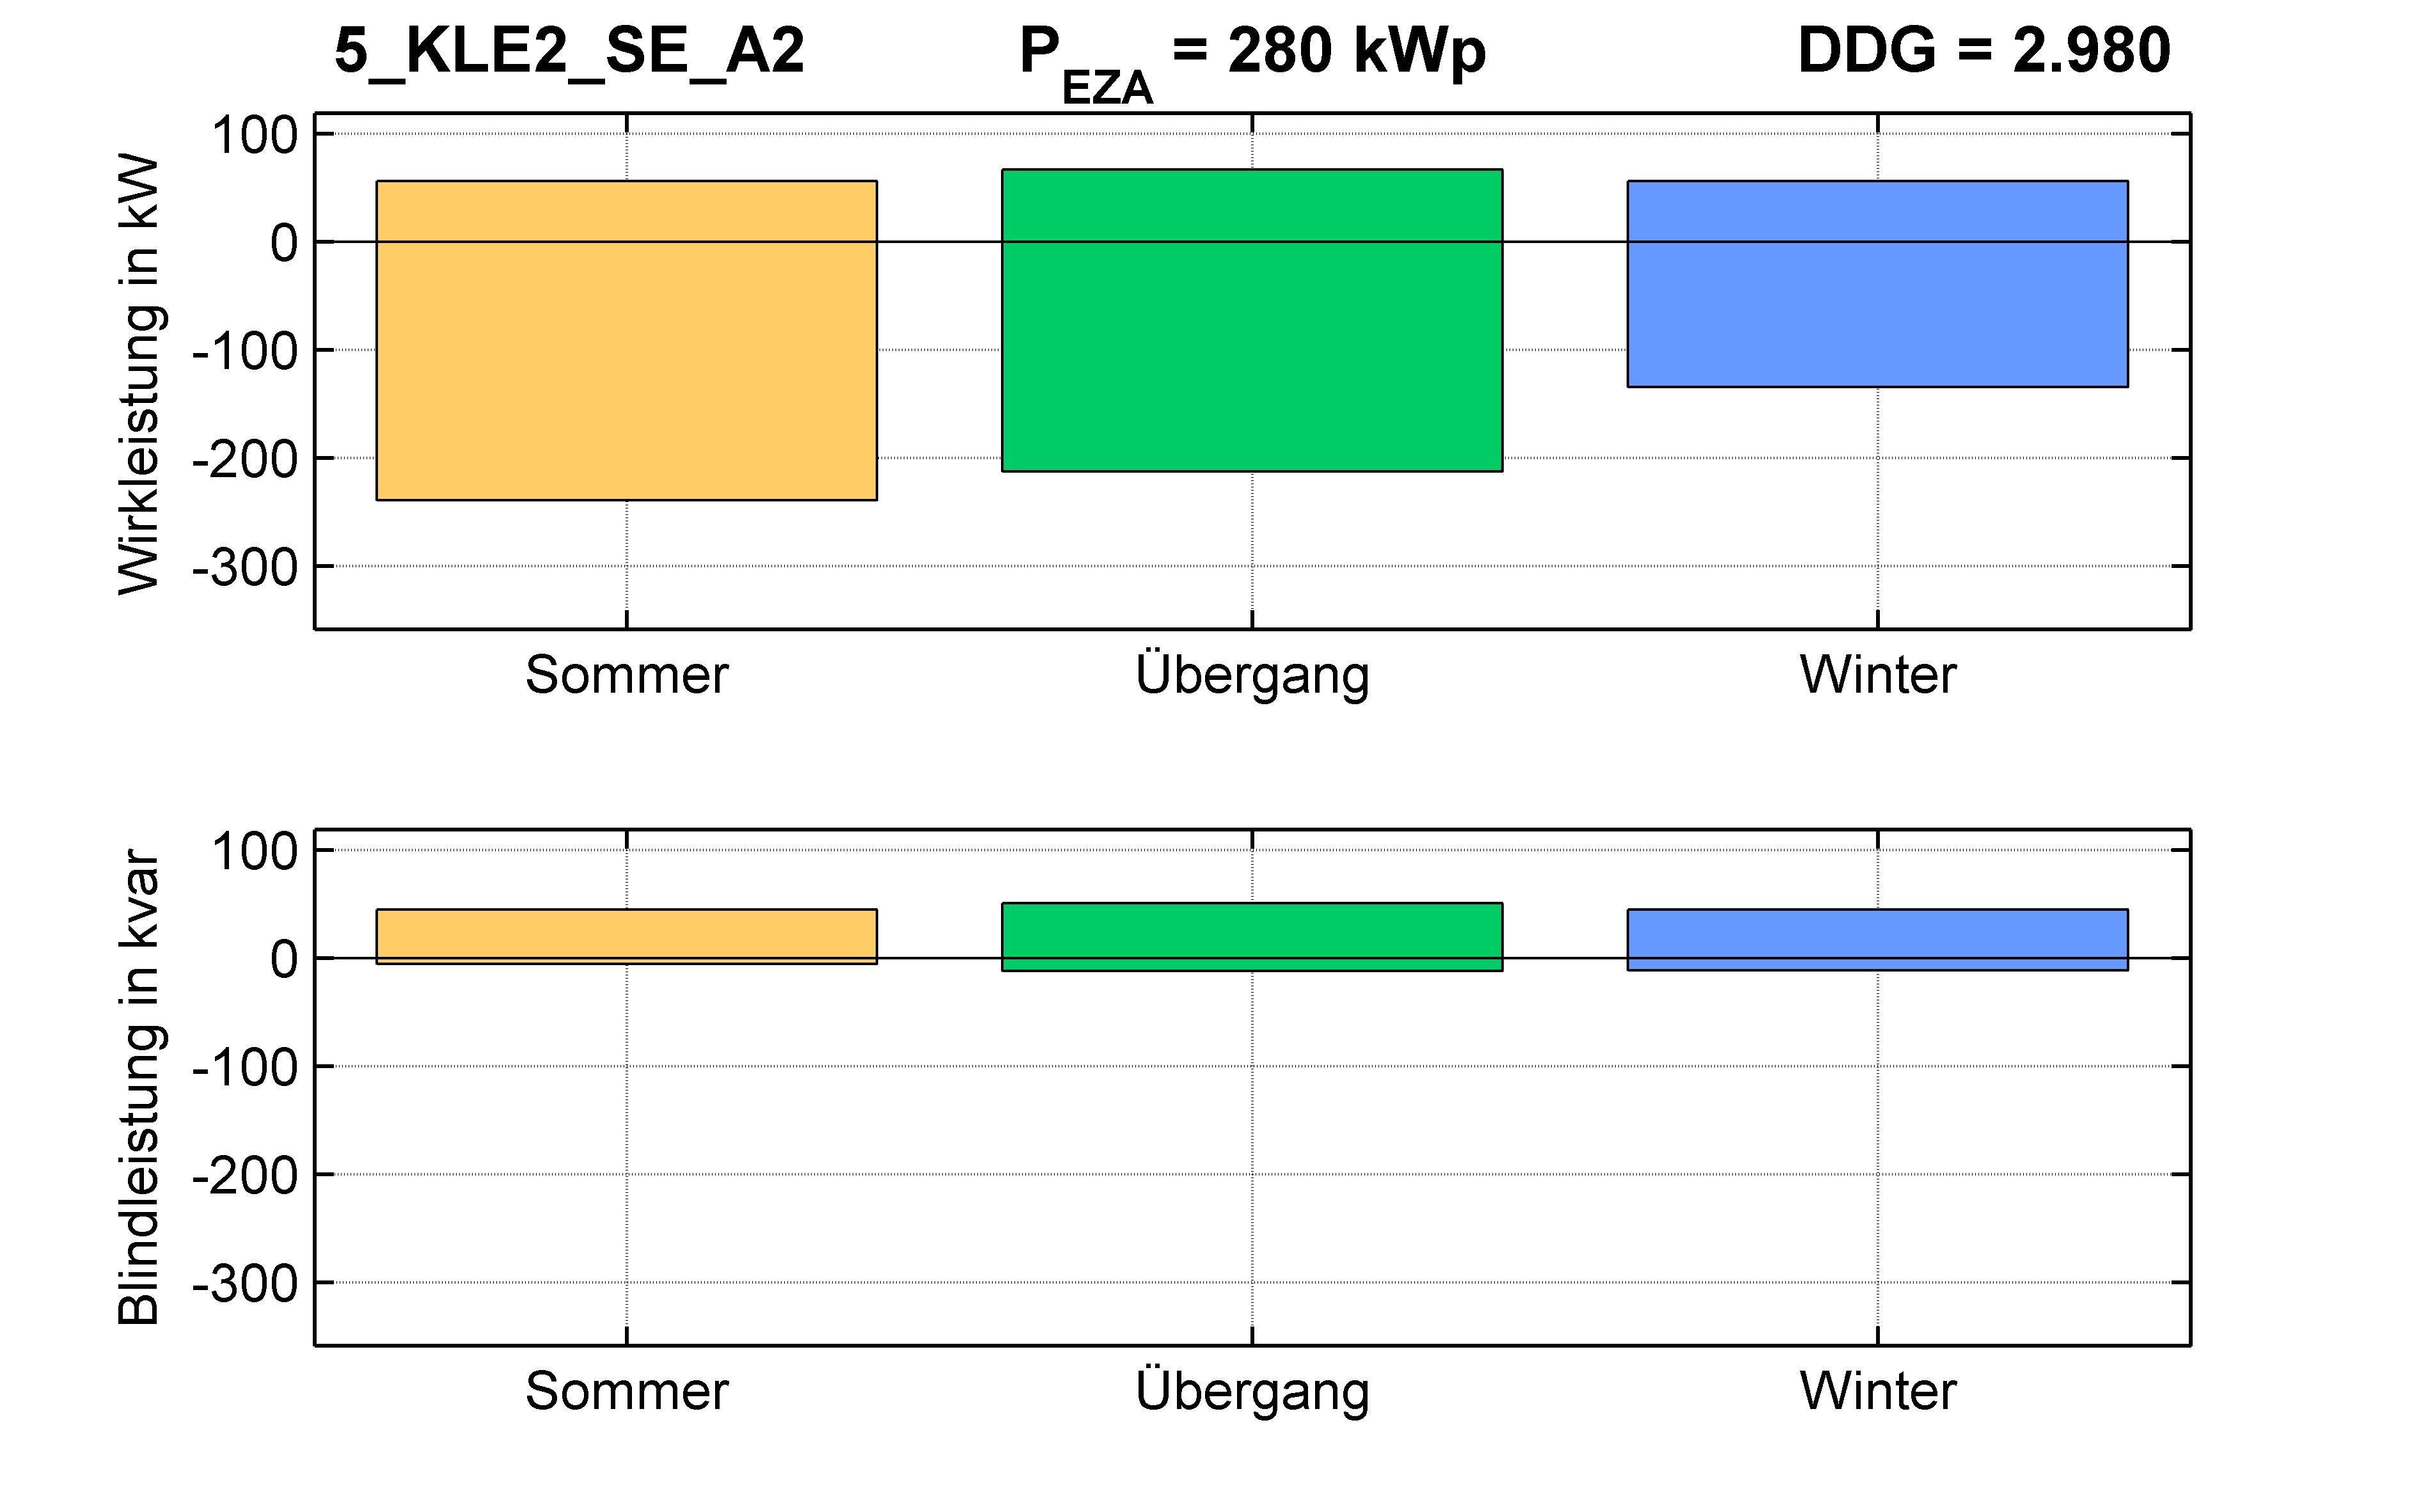 KLE2 | STATION (SE) A2 | PQ-Bilanz